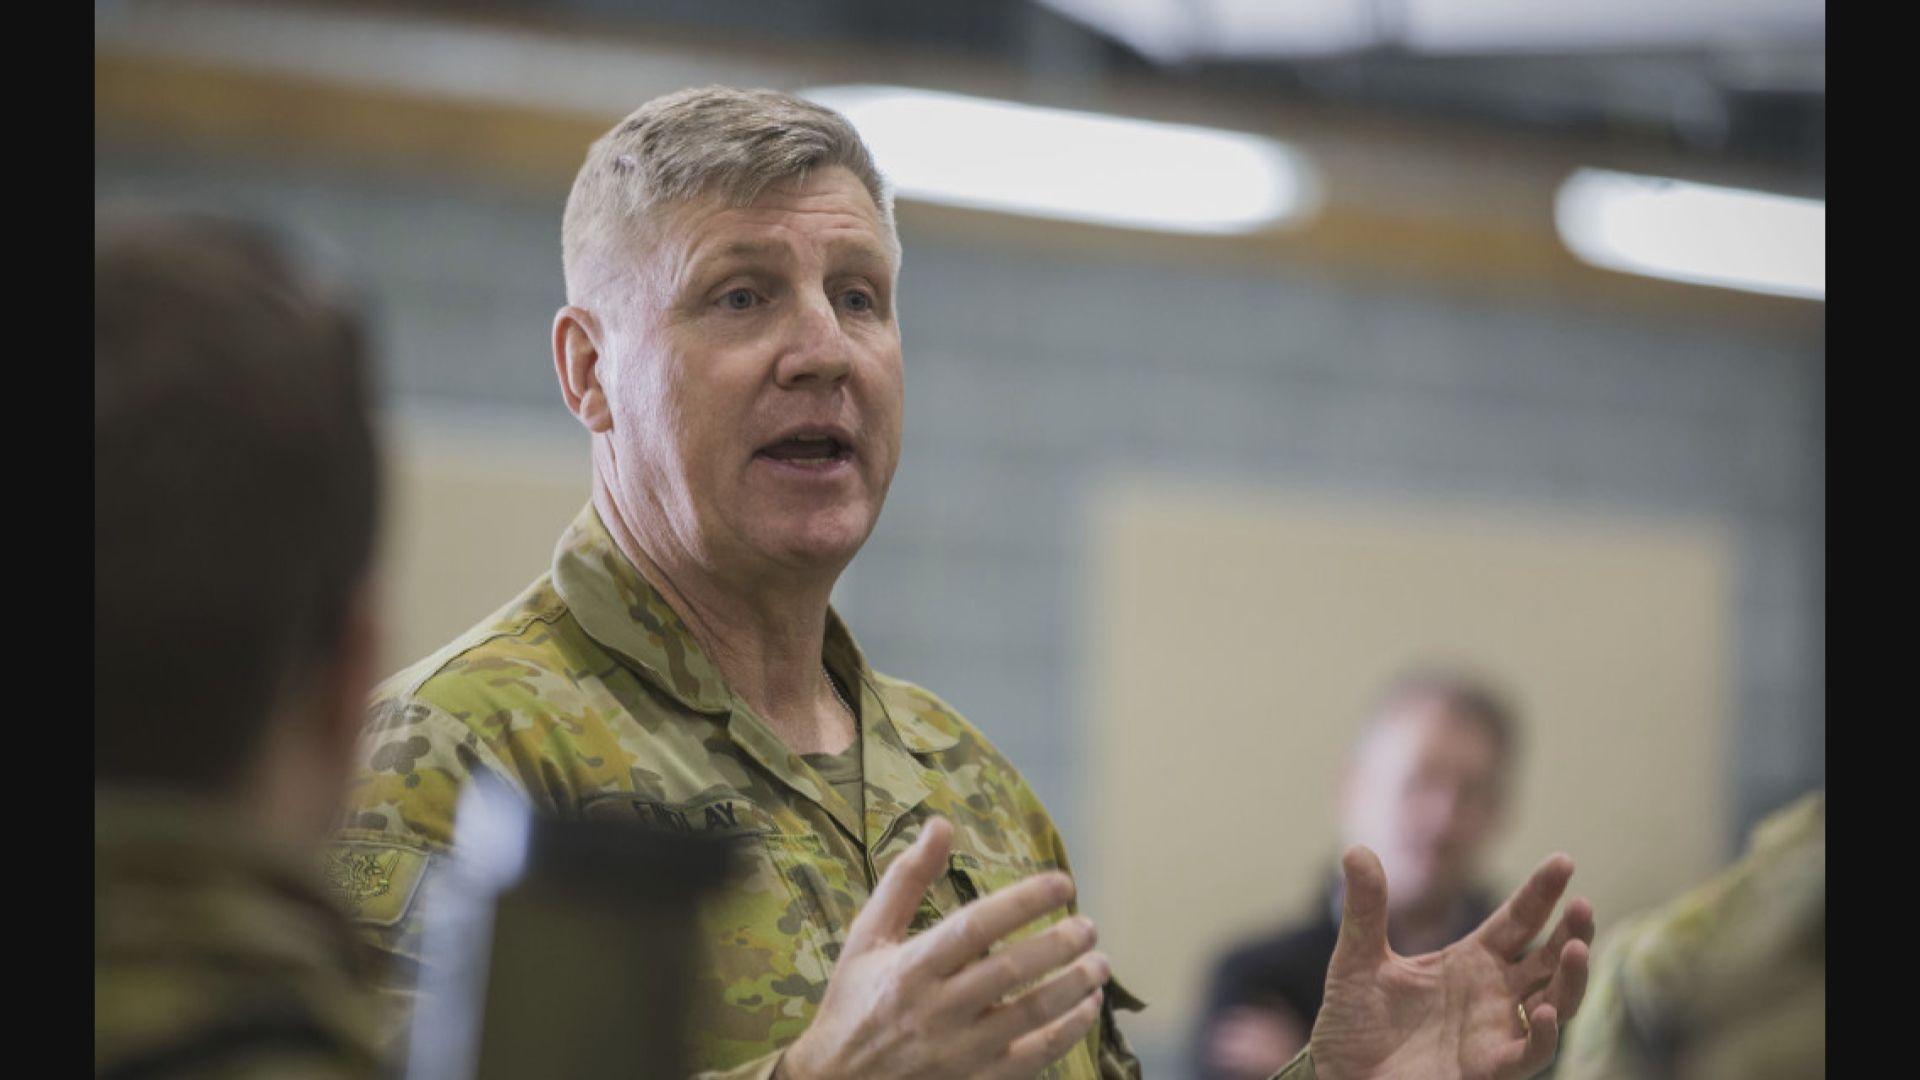 澳洲軍官據報認為未來很有可能跟中國開戰